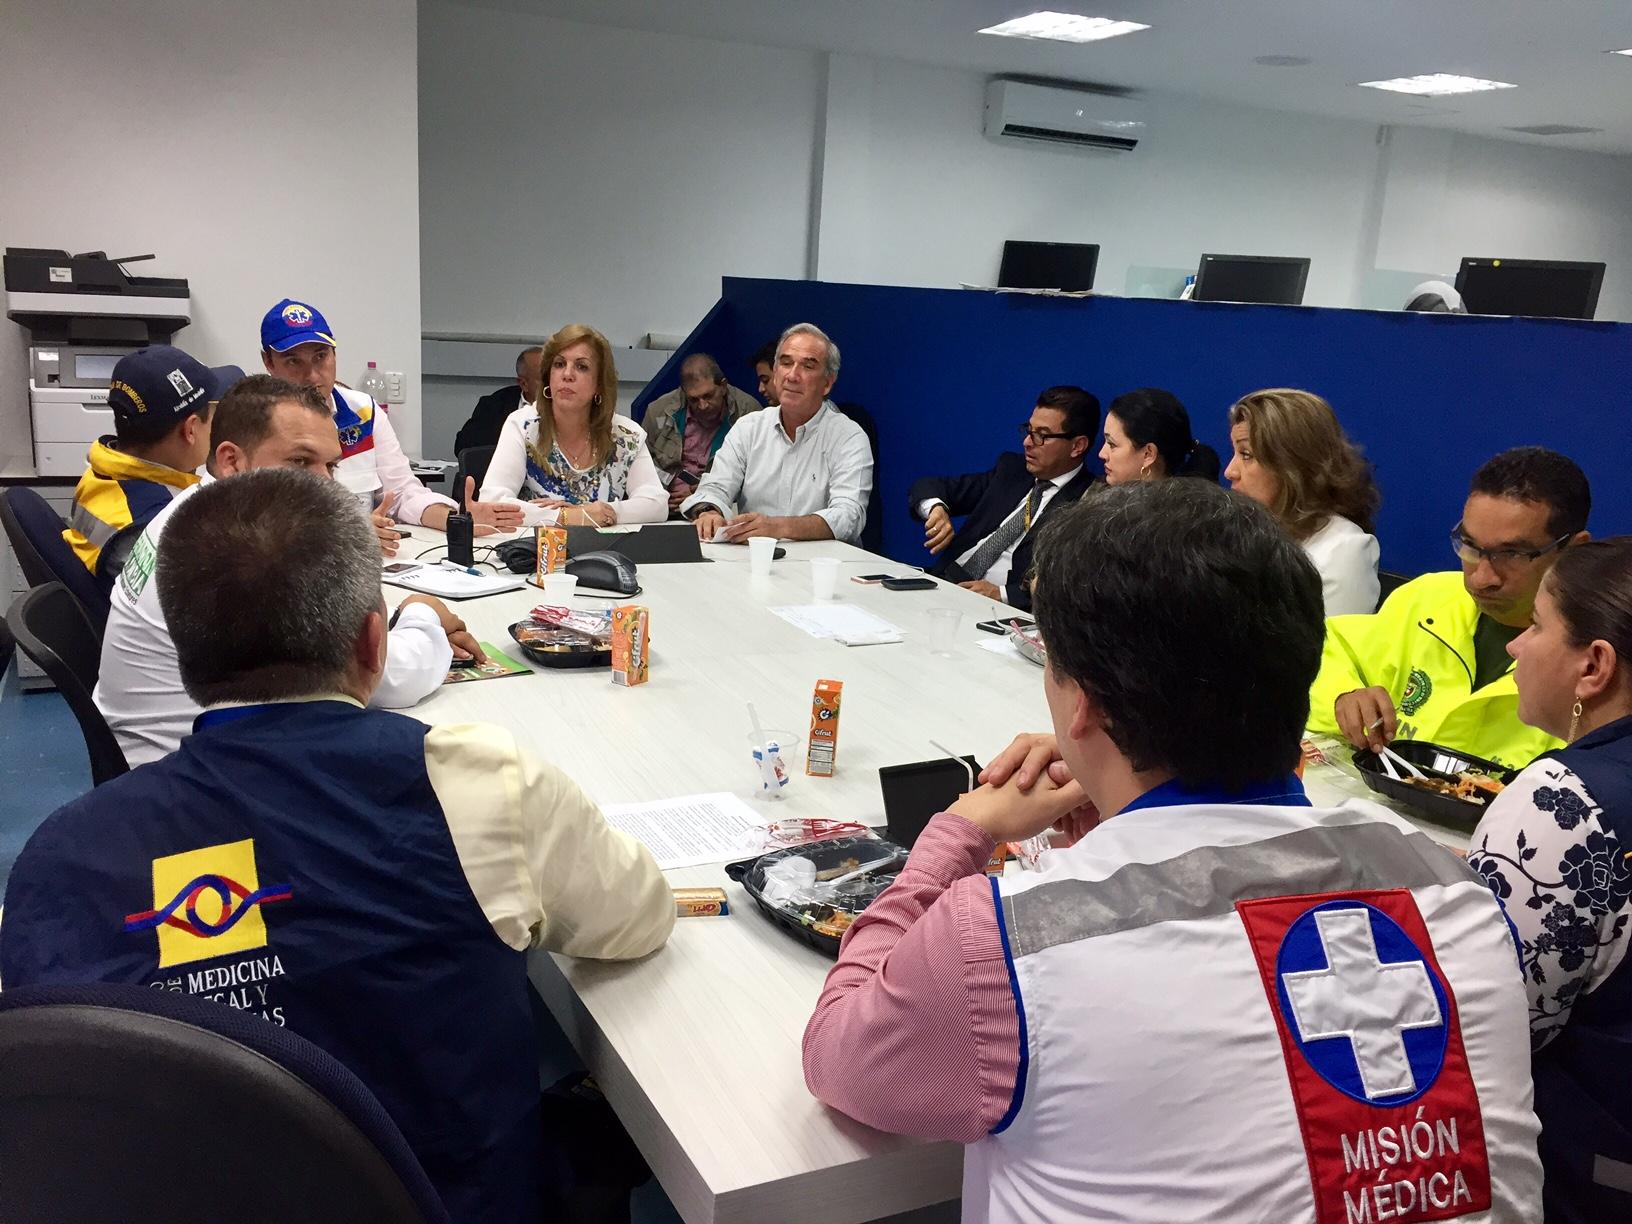 Directora-de-Coldeportes-Clara-Luz-Roldán-visitó-las-instalaciones-del-Puesto-de-Mando-Unificado-instalado-en-la-sede-administrativa-del-aeropuerto-Olaya-Herrera